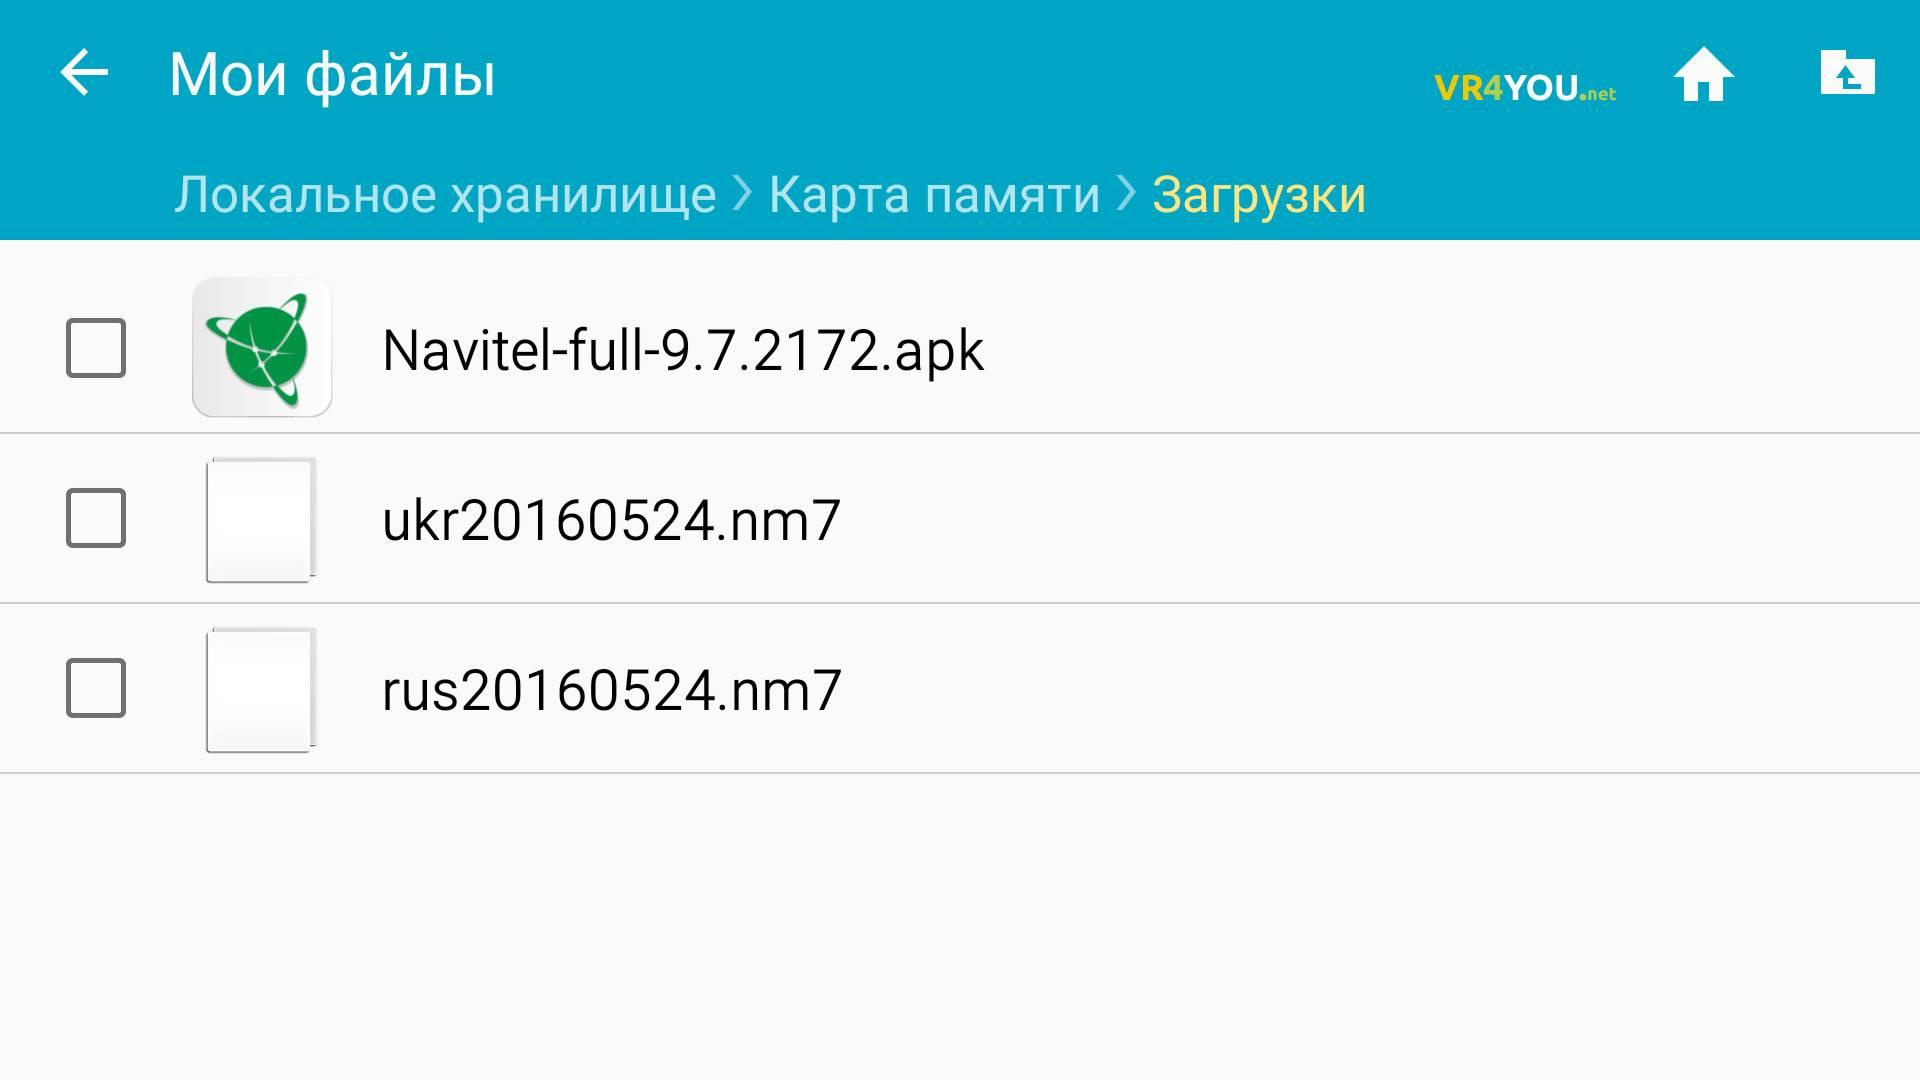 1485618633_moi-faily.jpg